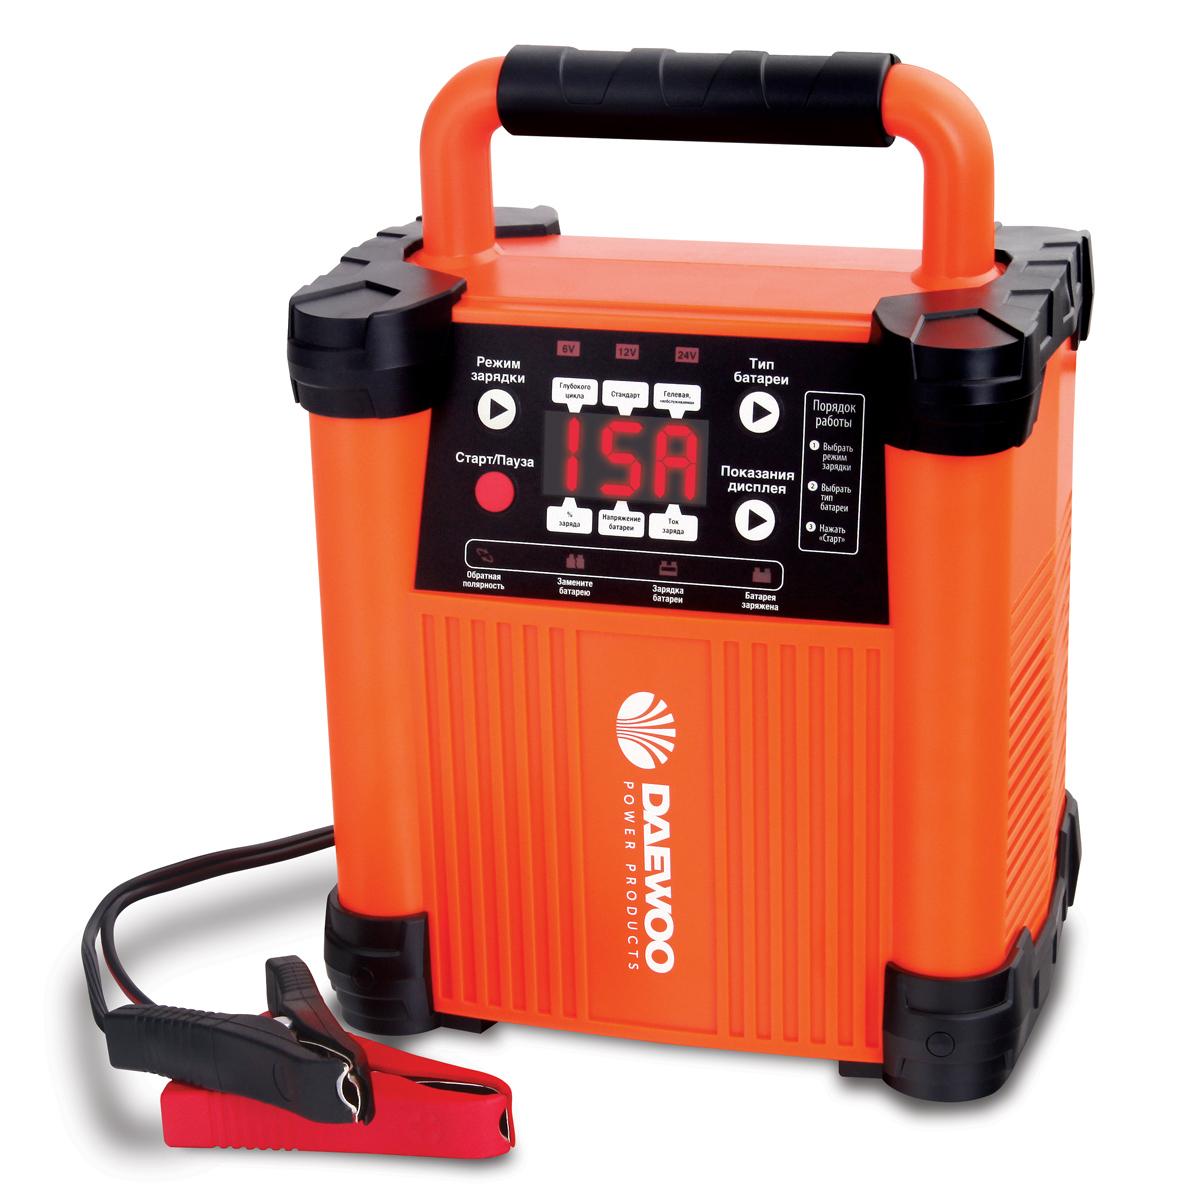 Интеллектуальное зарядное устройство Daewoo, 6/12/24 В. DW1500DW1500Зарядное устройство Daewoo - это простой в использовании аппарат, предназначенный для снабжения почти севших свинцово-кислотных аккумуляторов качественным электрическим зарядом. Эффективность и правильность данного процесса контролируется процессором 12 Bit ADC, который проводит диагностику подключаемой батареи, устанавливает подходящие рабочие параметры, а также сохраняет их для дальнейшей эксплуатации (в течение 12 часов). Устройство обладает высокопрочным корпусом закрытого типа, имеющим степень защиты IP20.Выходное напряжение: 6/12/24 ВЗарядный ток: 15 АЕмкость АКБ: до 300 А/чКоличество ступеней зарядки: 6Режим имитации АКБ: да Функция восстановления АКБ: даВстроенный тест АКБ: даВлагозащита: IP20Защита от перегрева: даРежим быстрого пуска: да